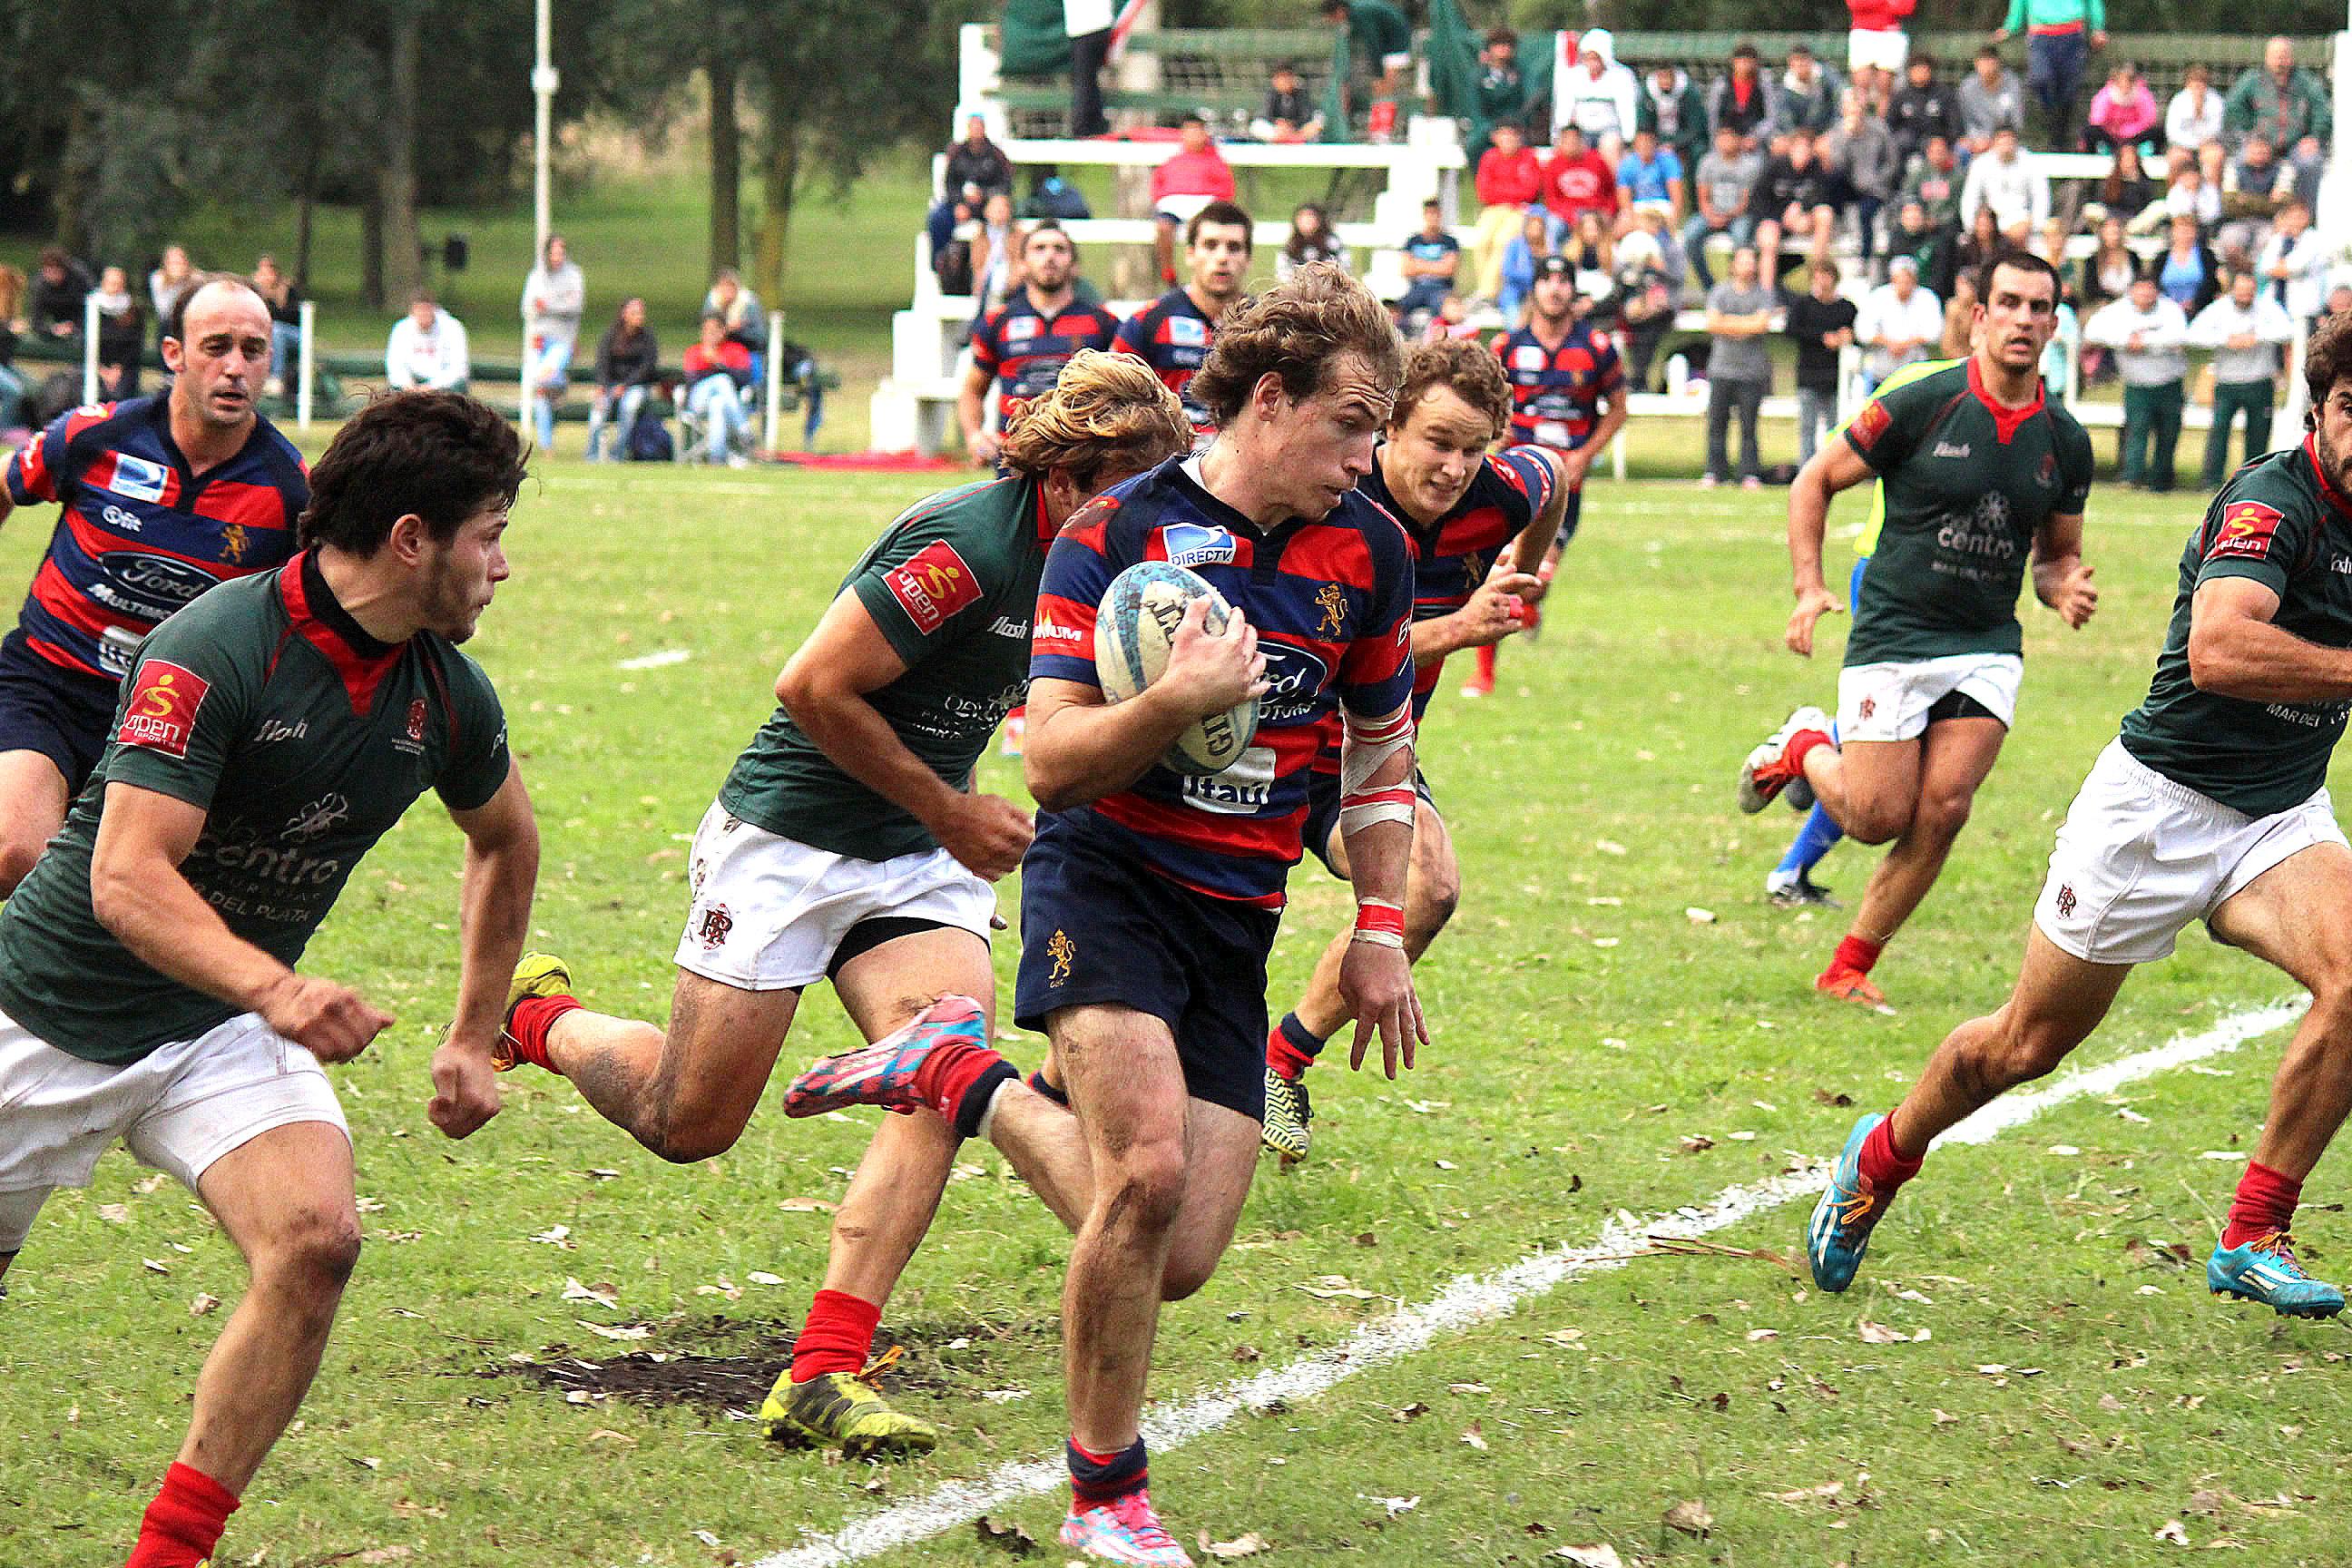 Fotos Gentileza http://www.handoffweb.com/